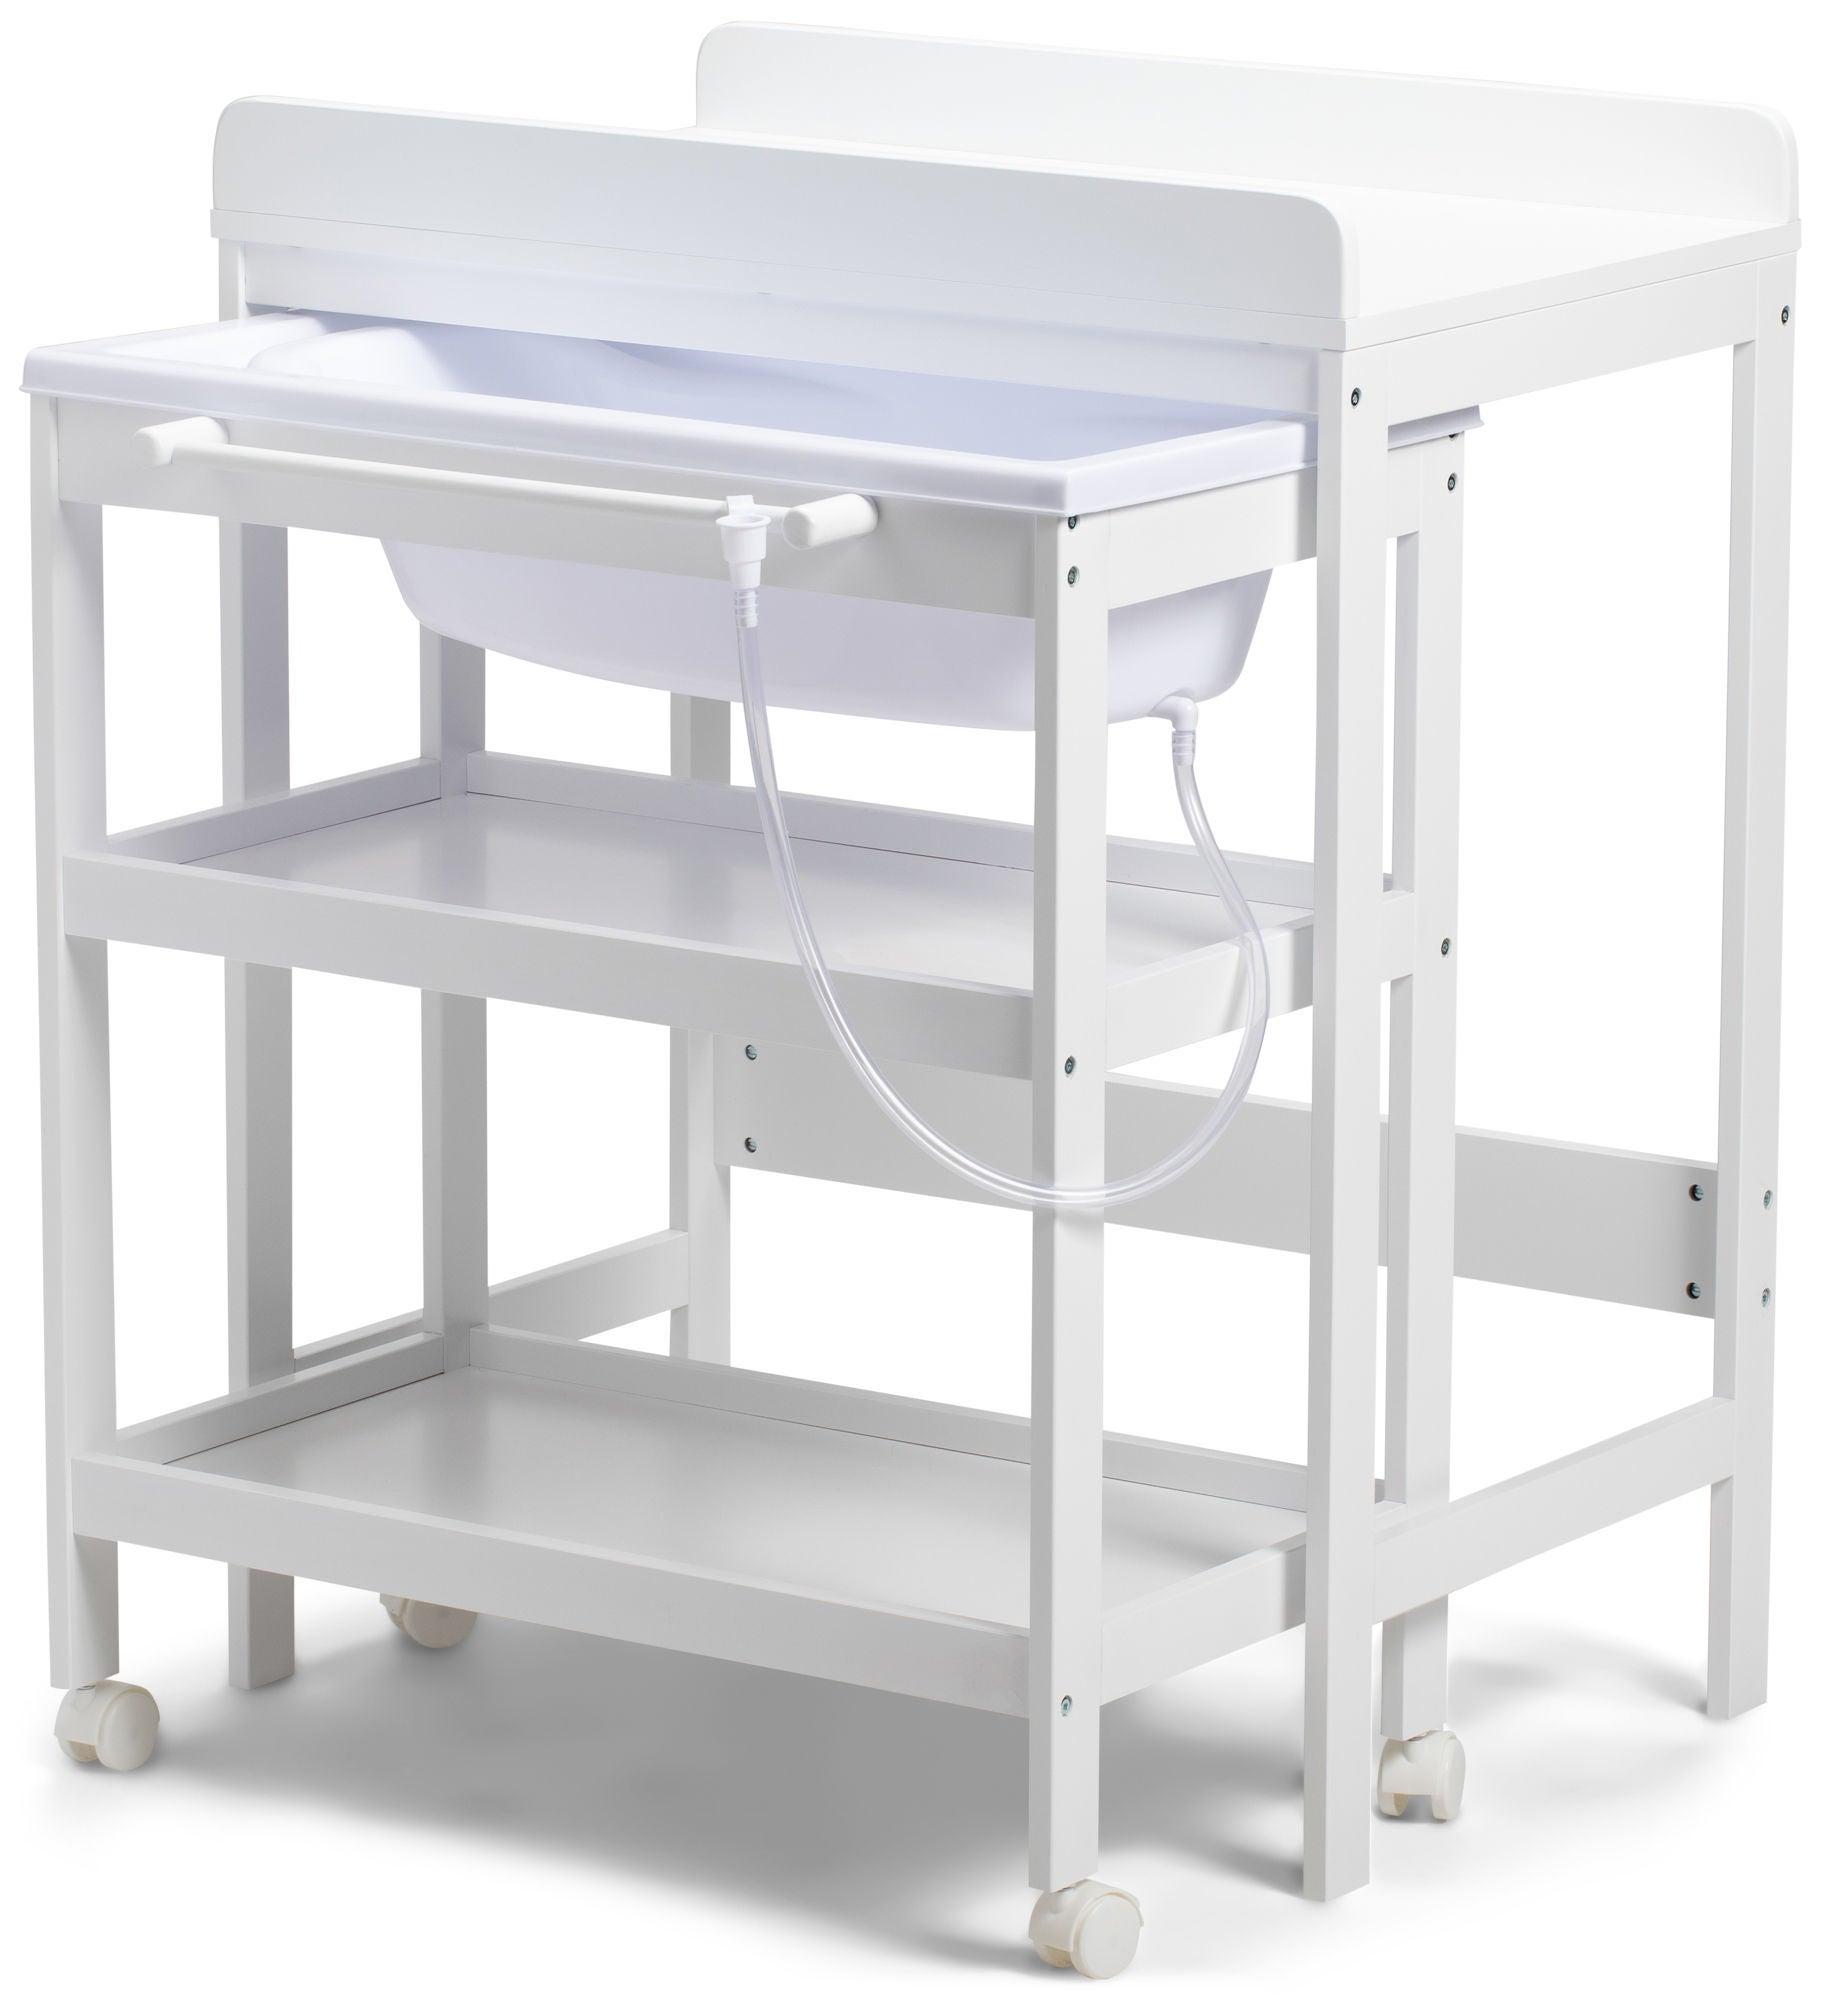 JLY Dream Hoitopöytä Irrotettavalla Kylpyammeella, Valkoinen